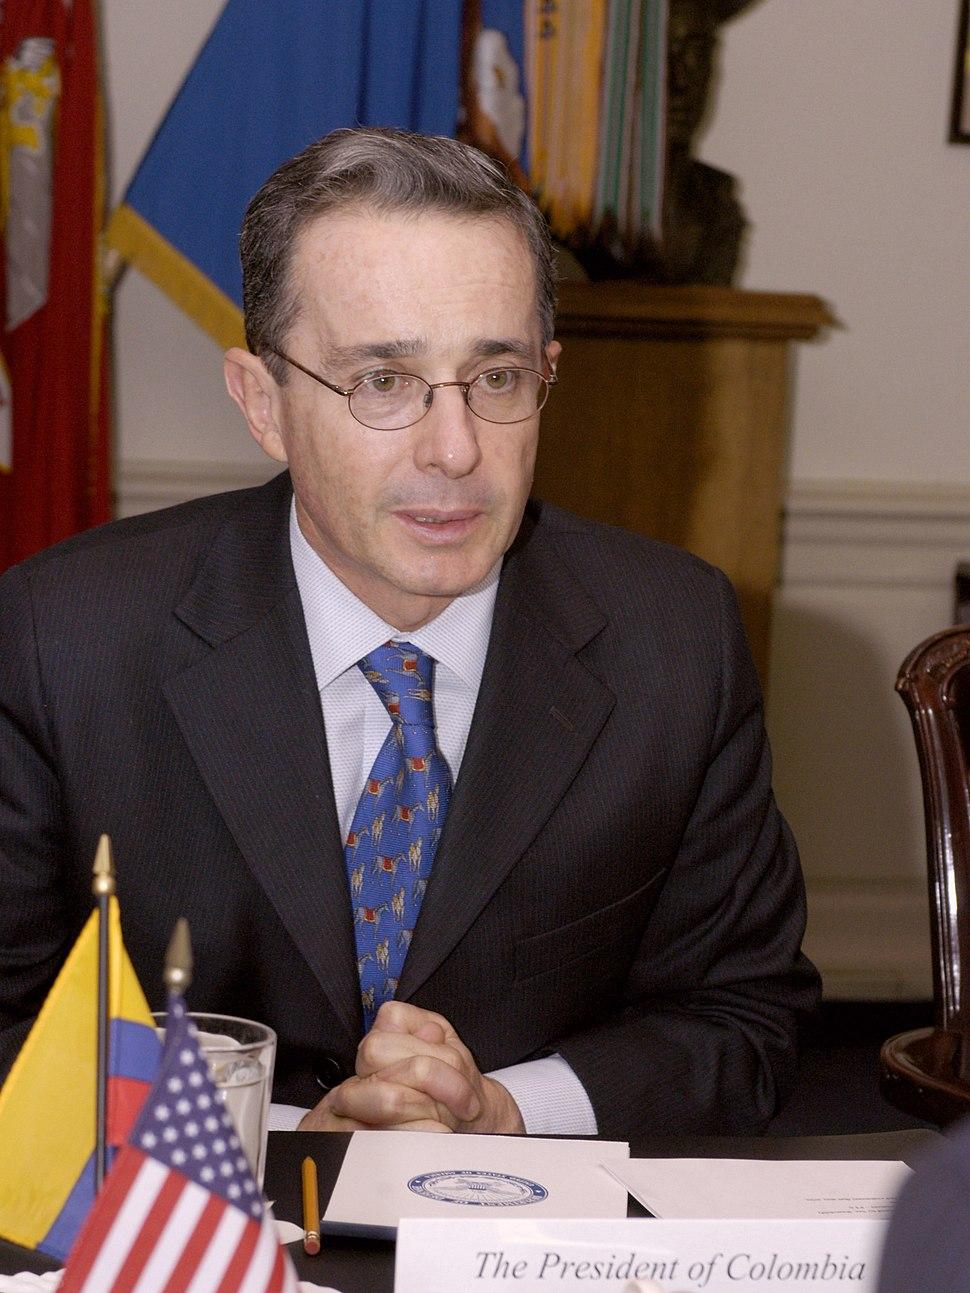 Kolumbianischer Präsident Alvaro Uribe 2004